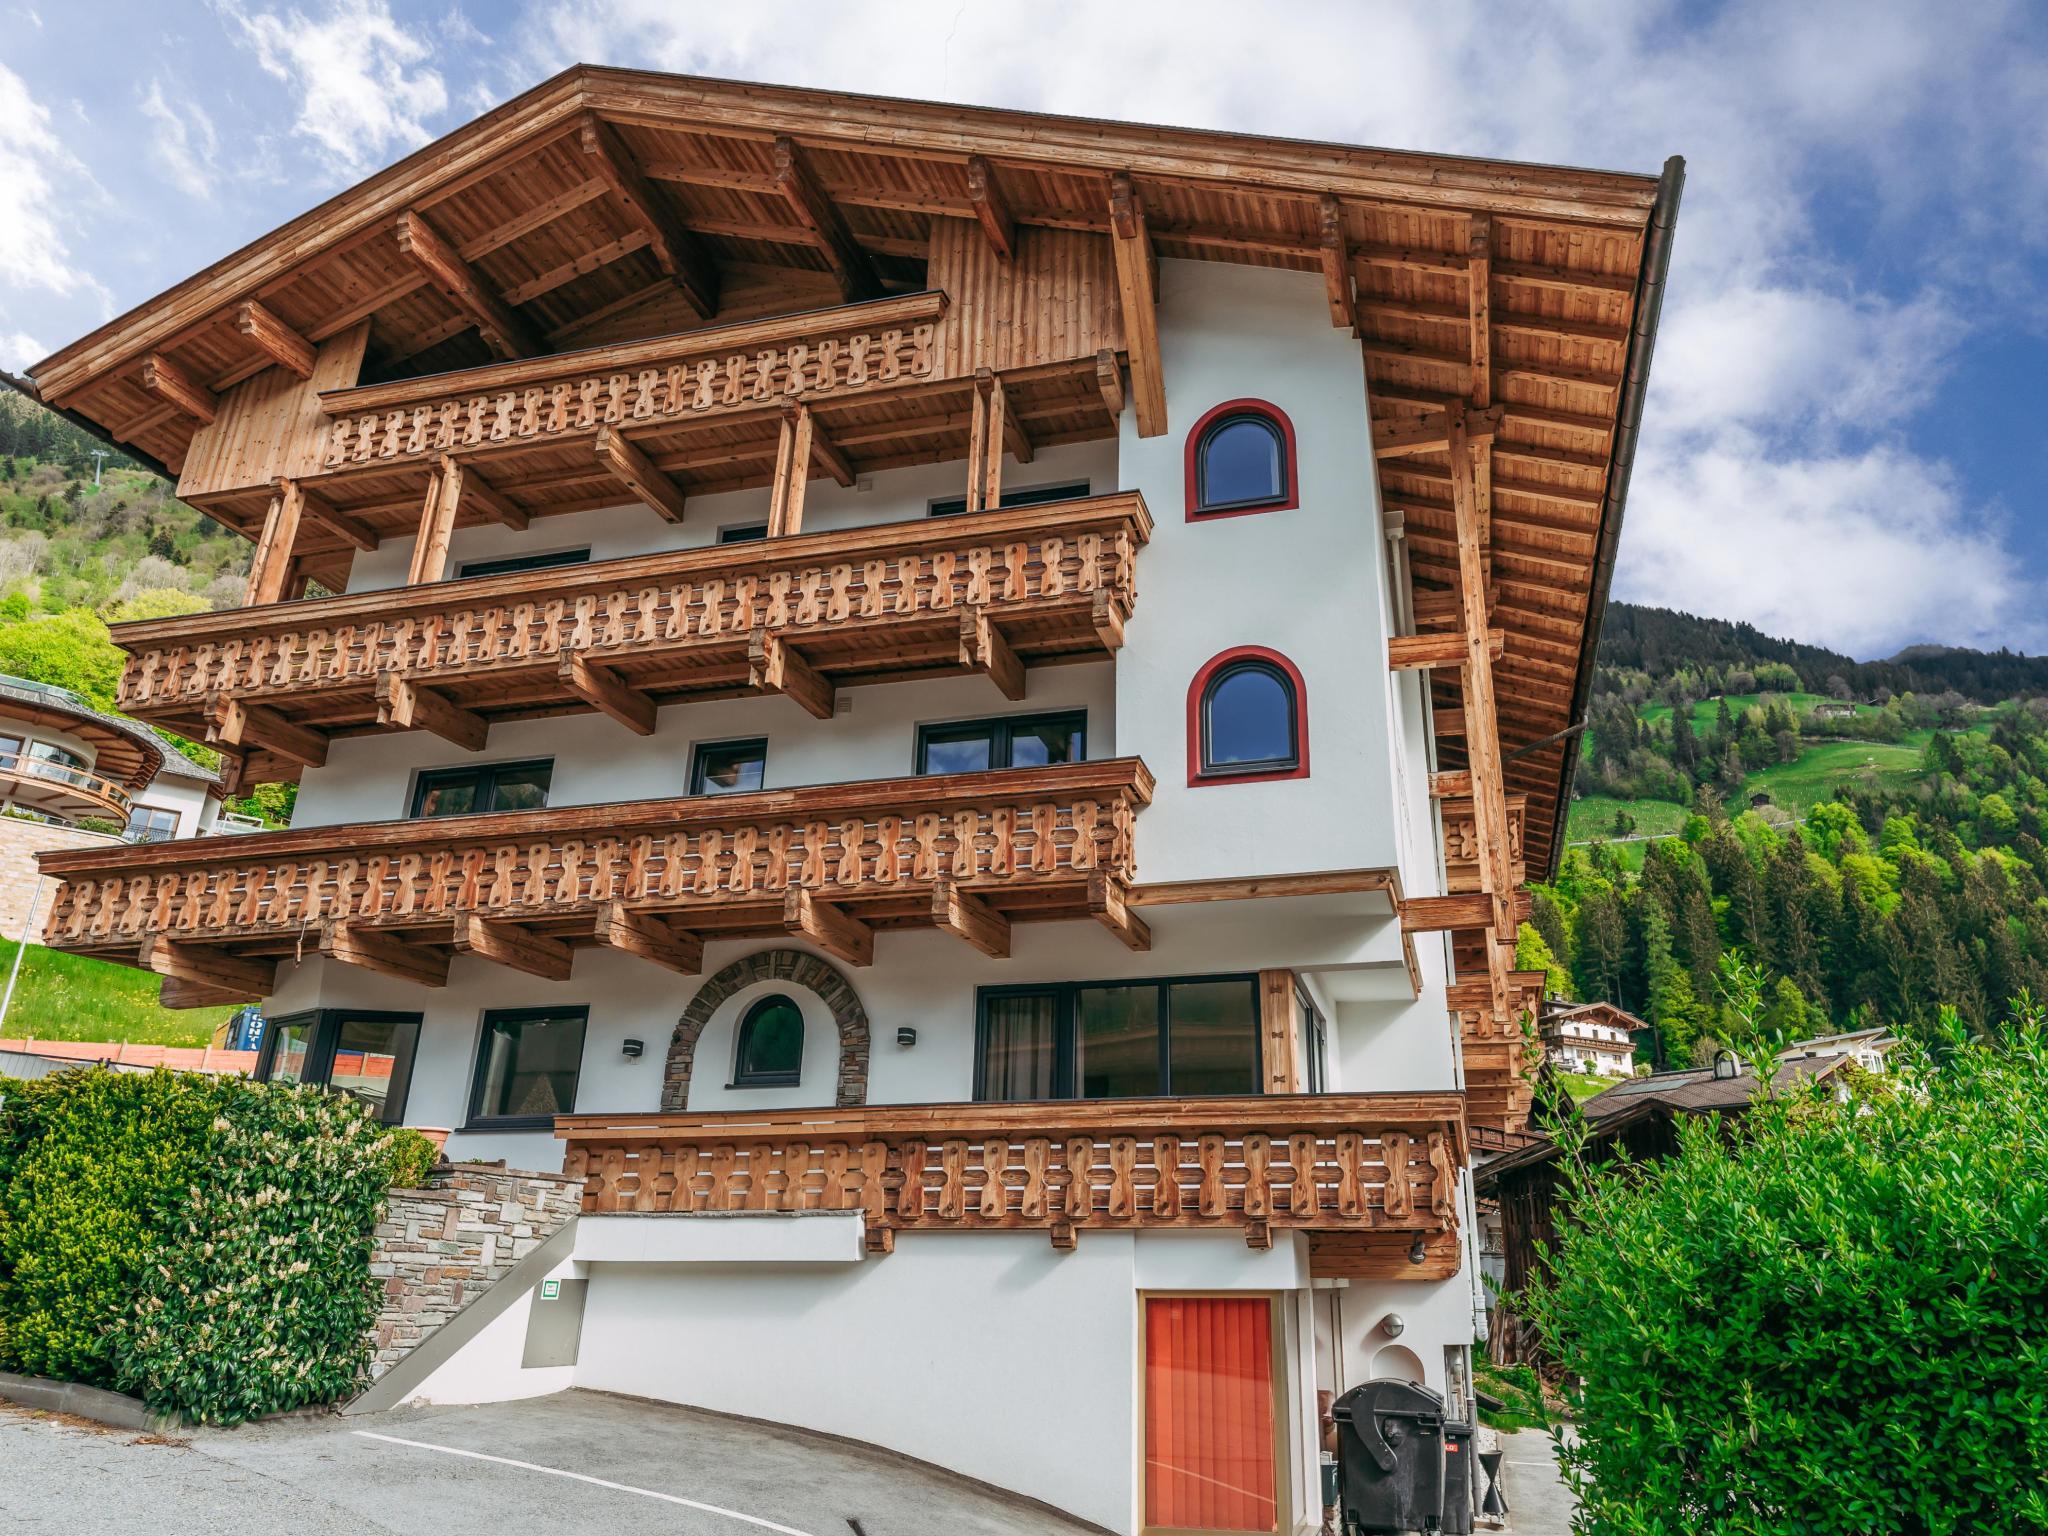 Rosenheim Tirol